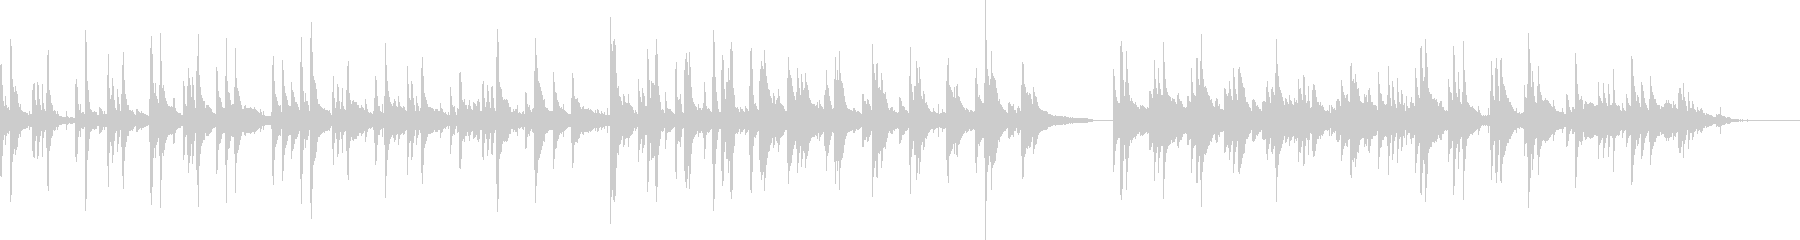 ハードボイルド・バー(ピアノ)の未再生の波形